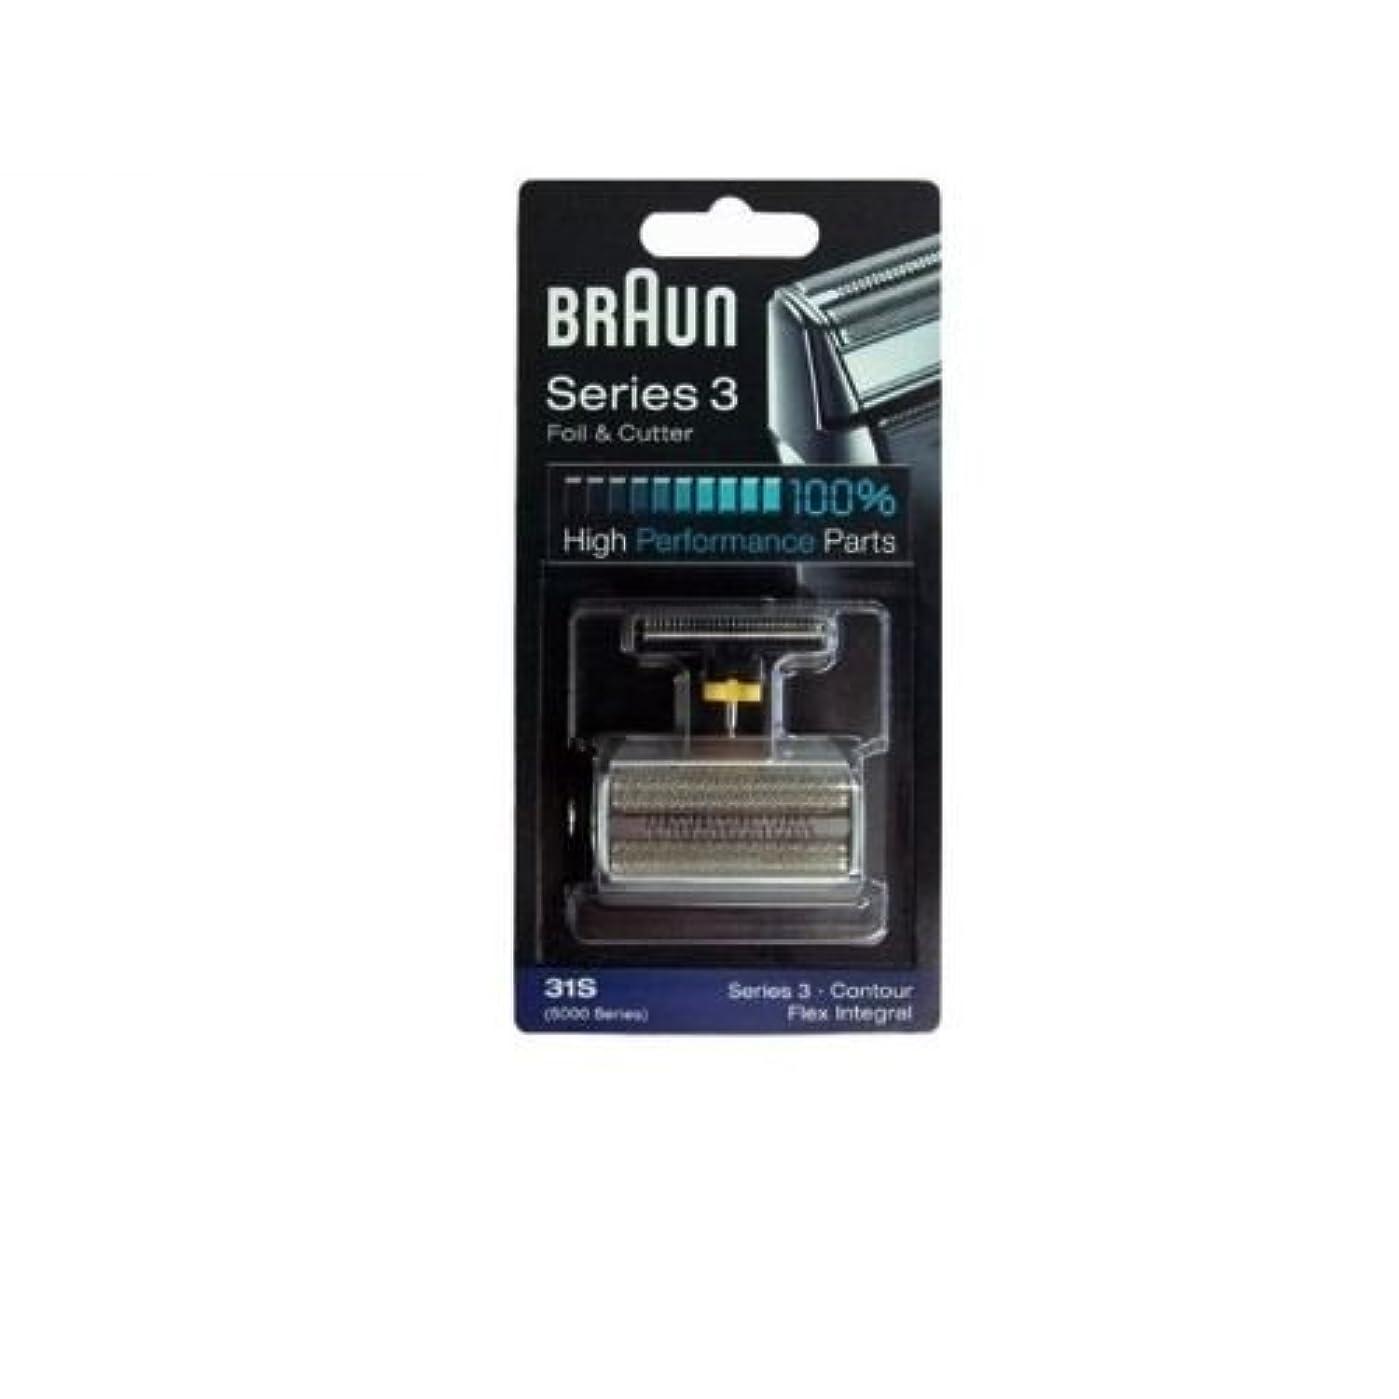 ビルオーストラリア人類似性Braun 31S コンビ箔と(旧5000/6000)をカッターの交換パック [並行輸入品]